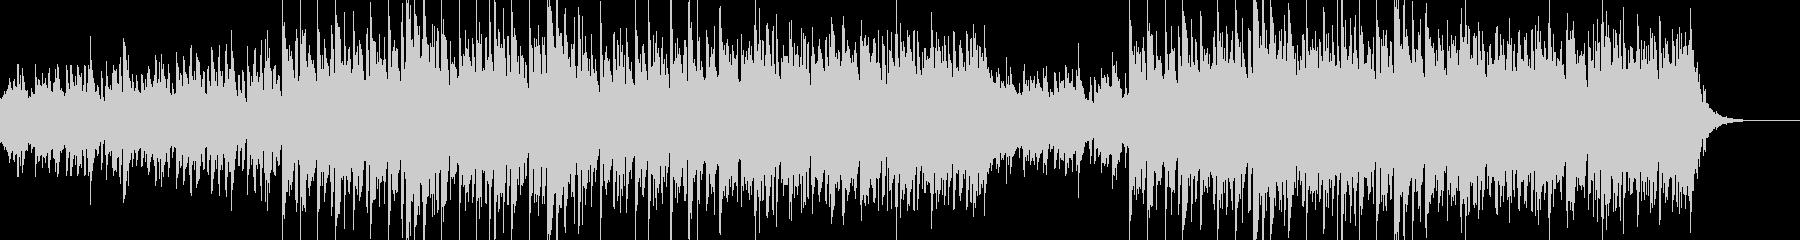 シンプルで素朴なBGMの未再生の波形